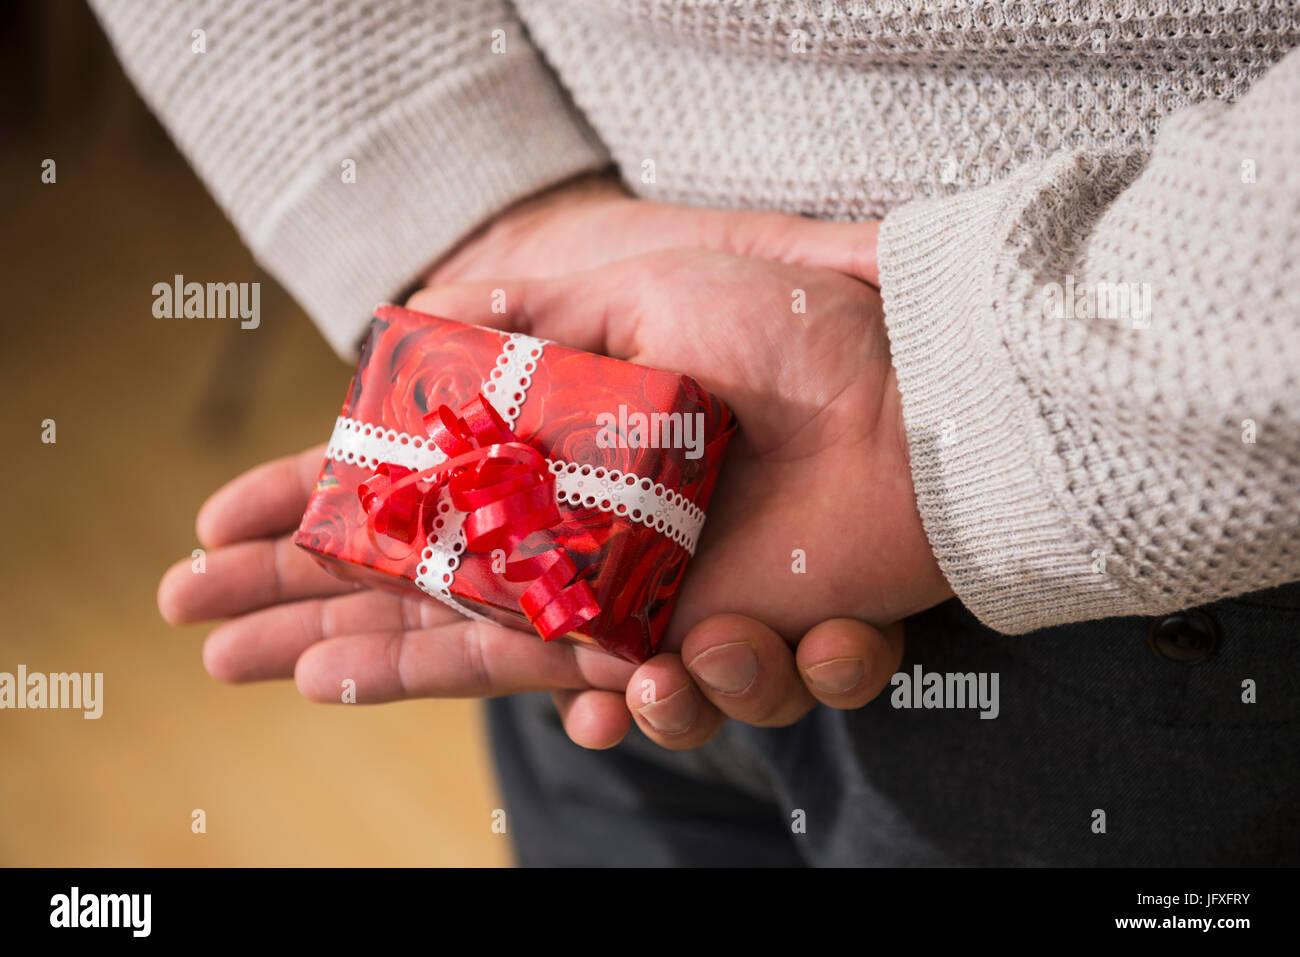 Mann hält Weihnachtsgeschenk hinter Rücken Stockfoto, Bild ...